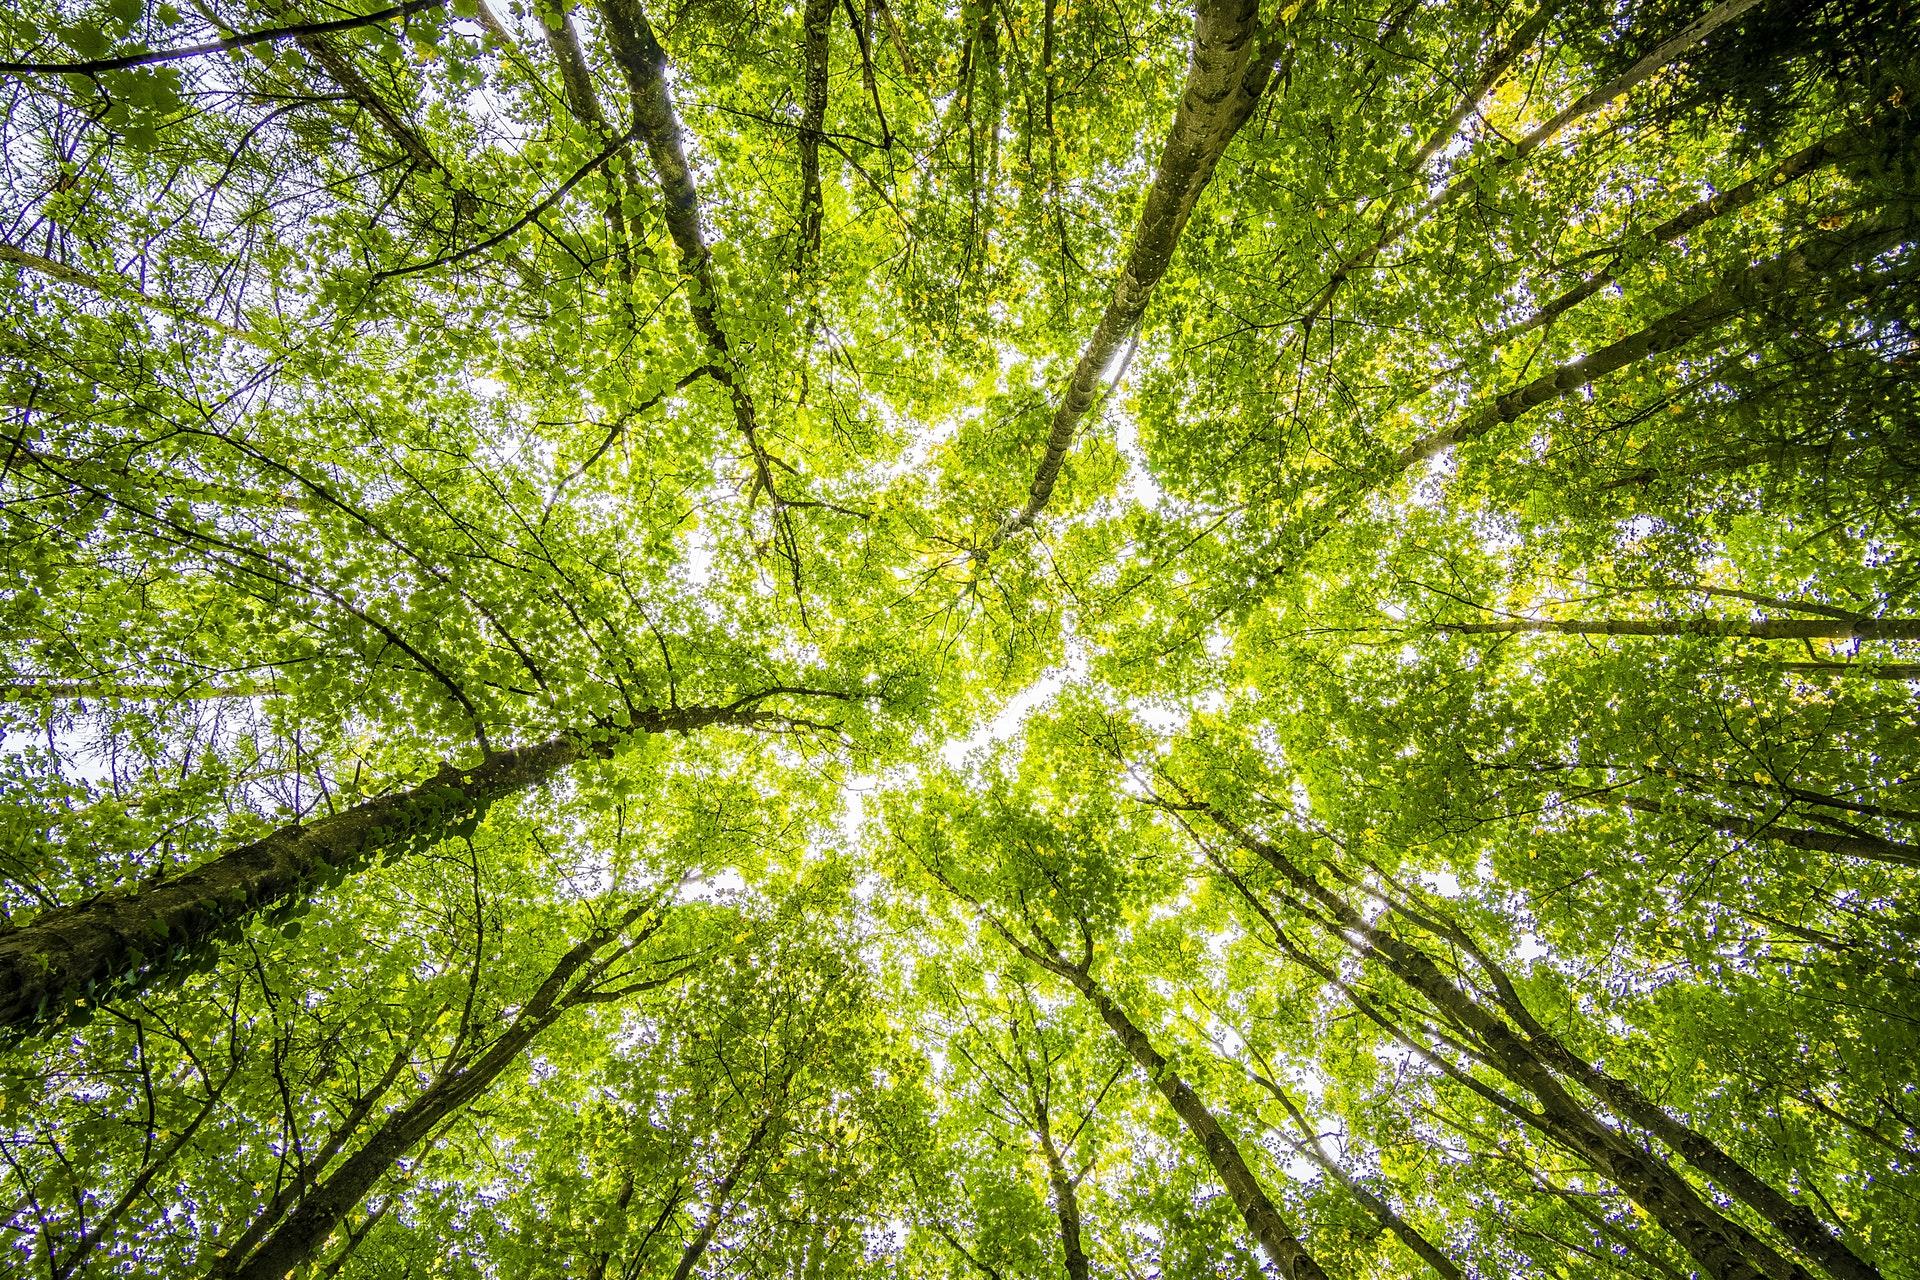 birk, birketræer, birketræ, træ, træer, skov, natur, pollen, allergi, forår, grøn